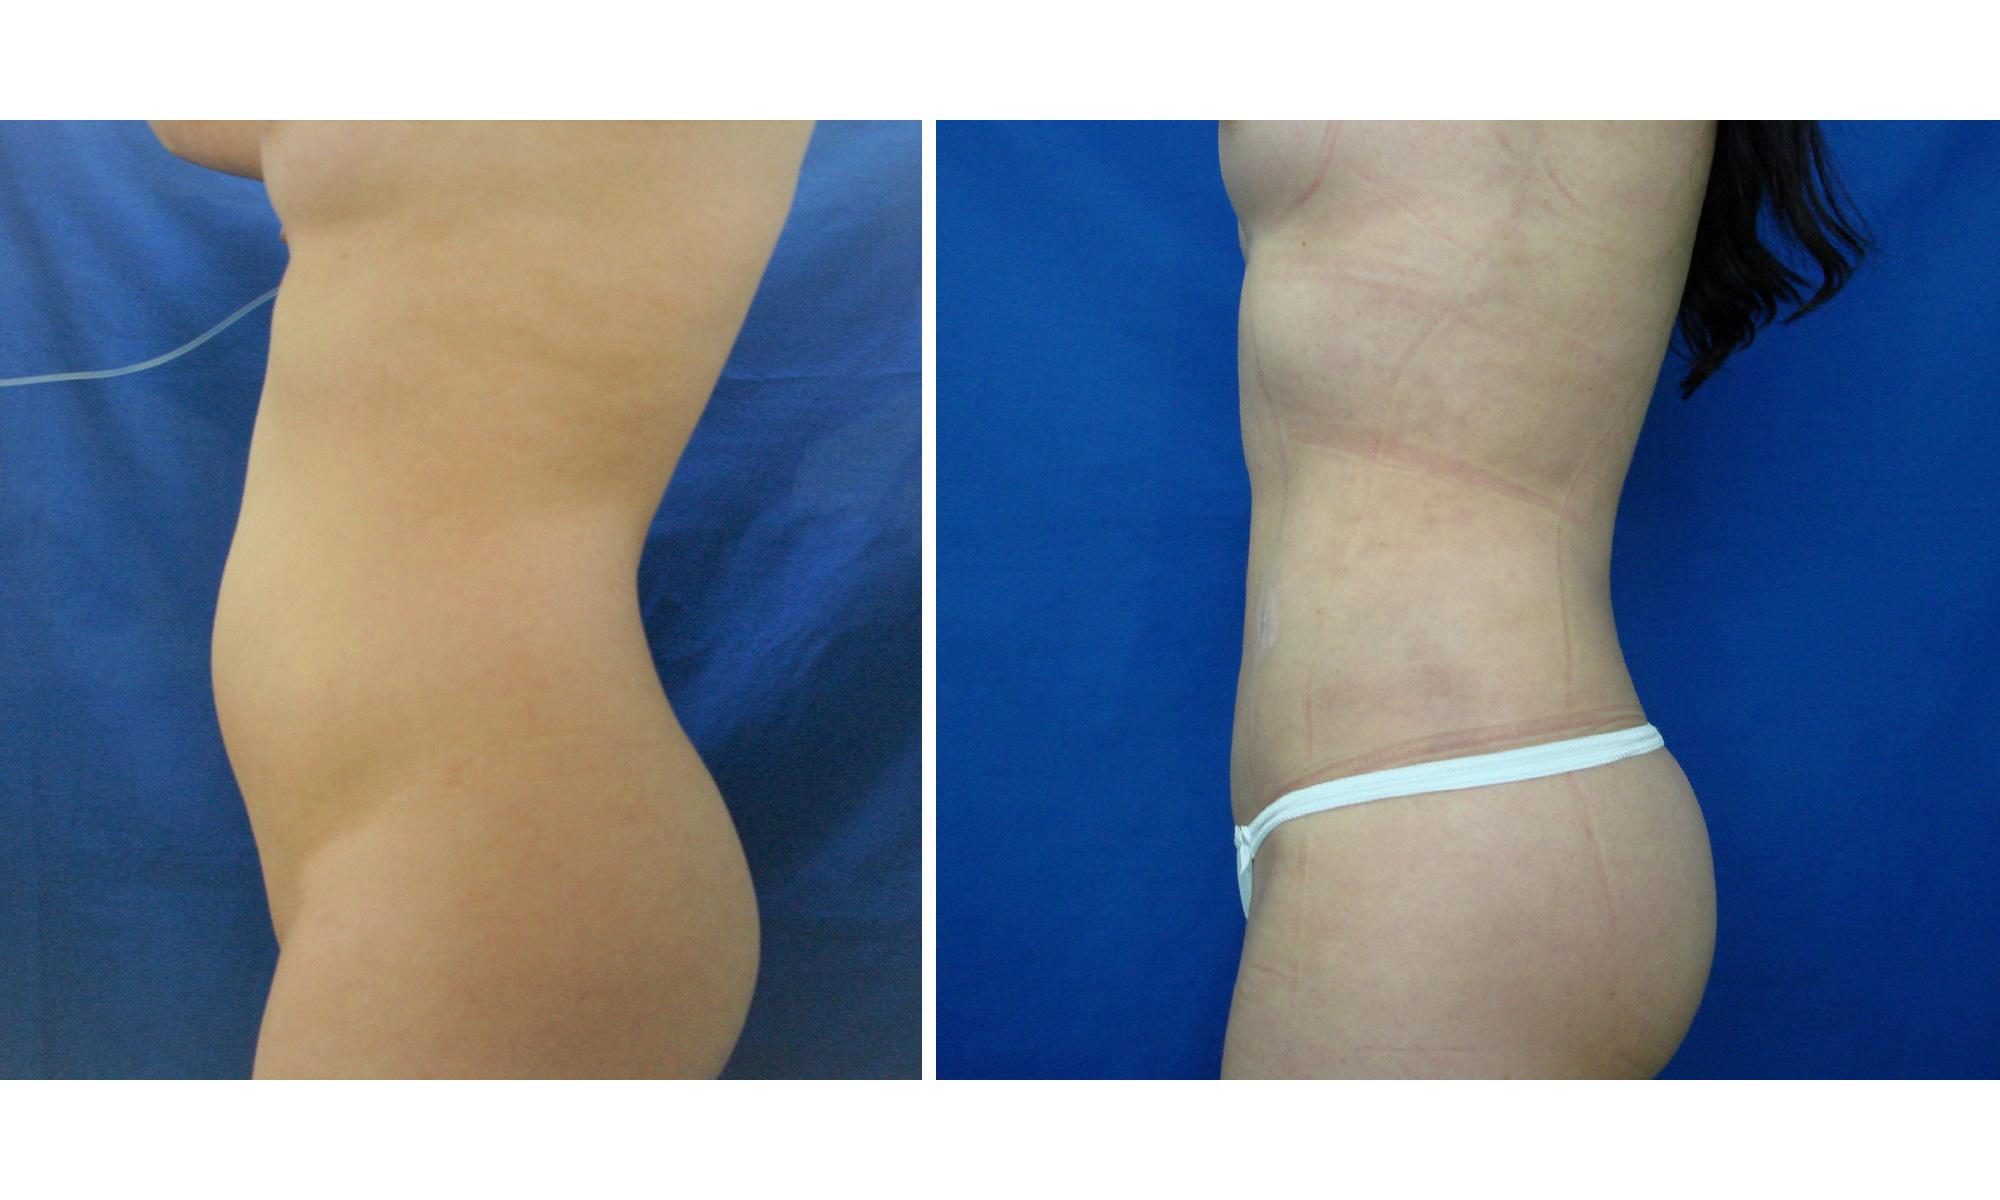 Lipectomía - Abdominoplastia Femenina